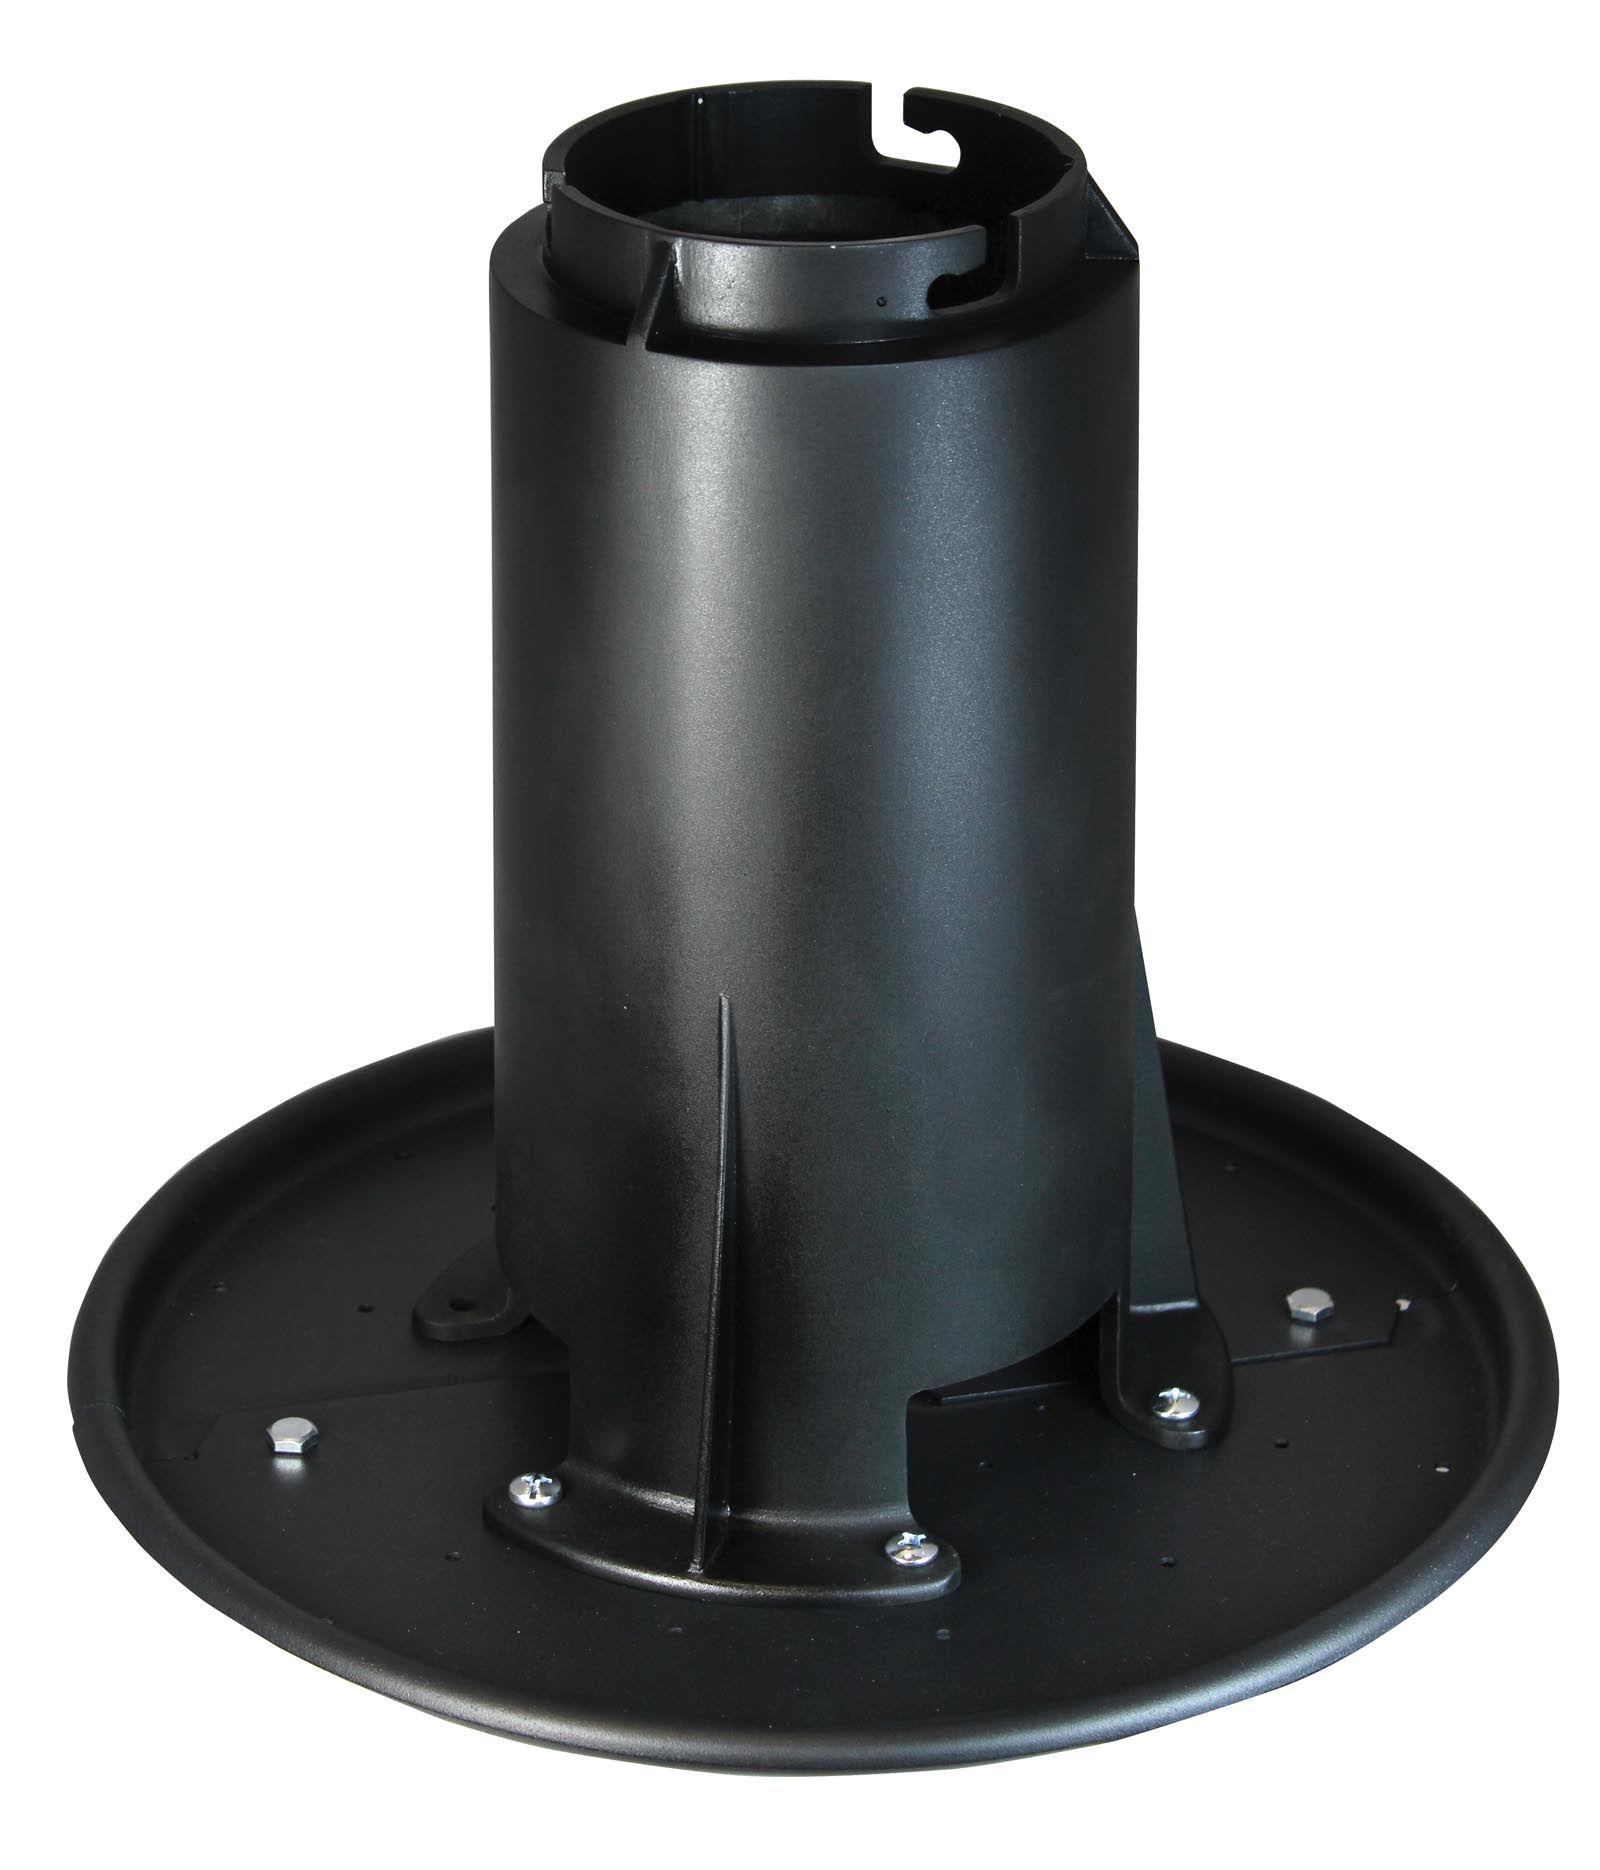 Moultrie Easy Lock 30 Gallon UV Resistant Dinner Plate